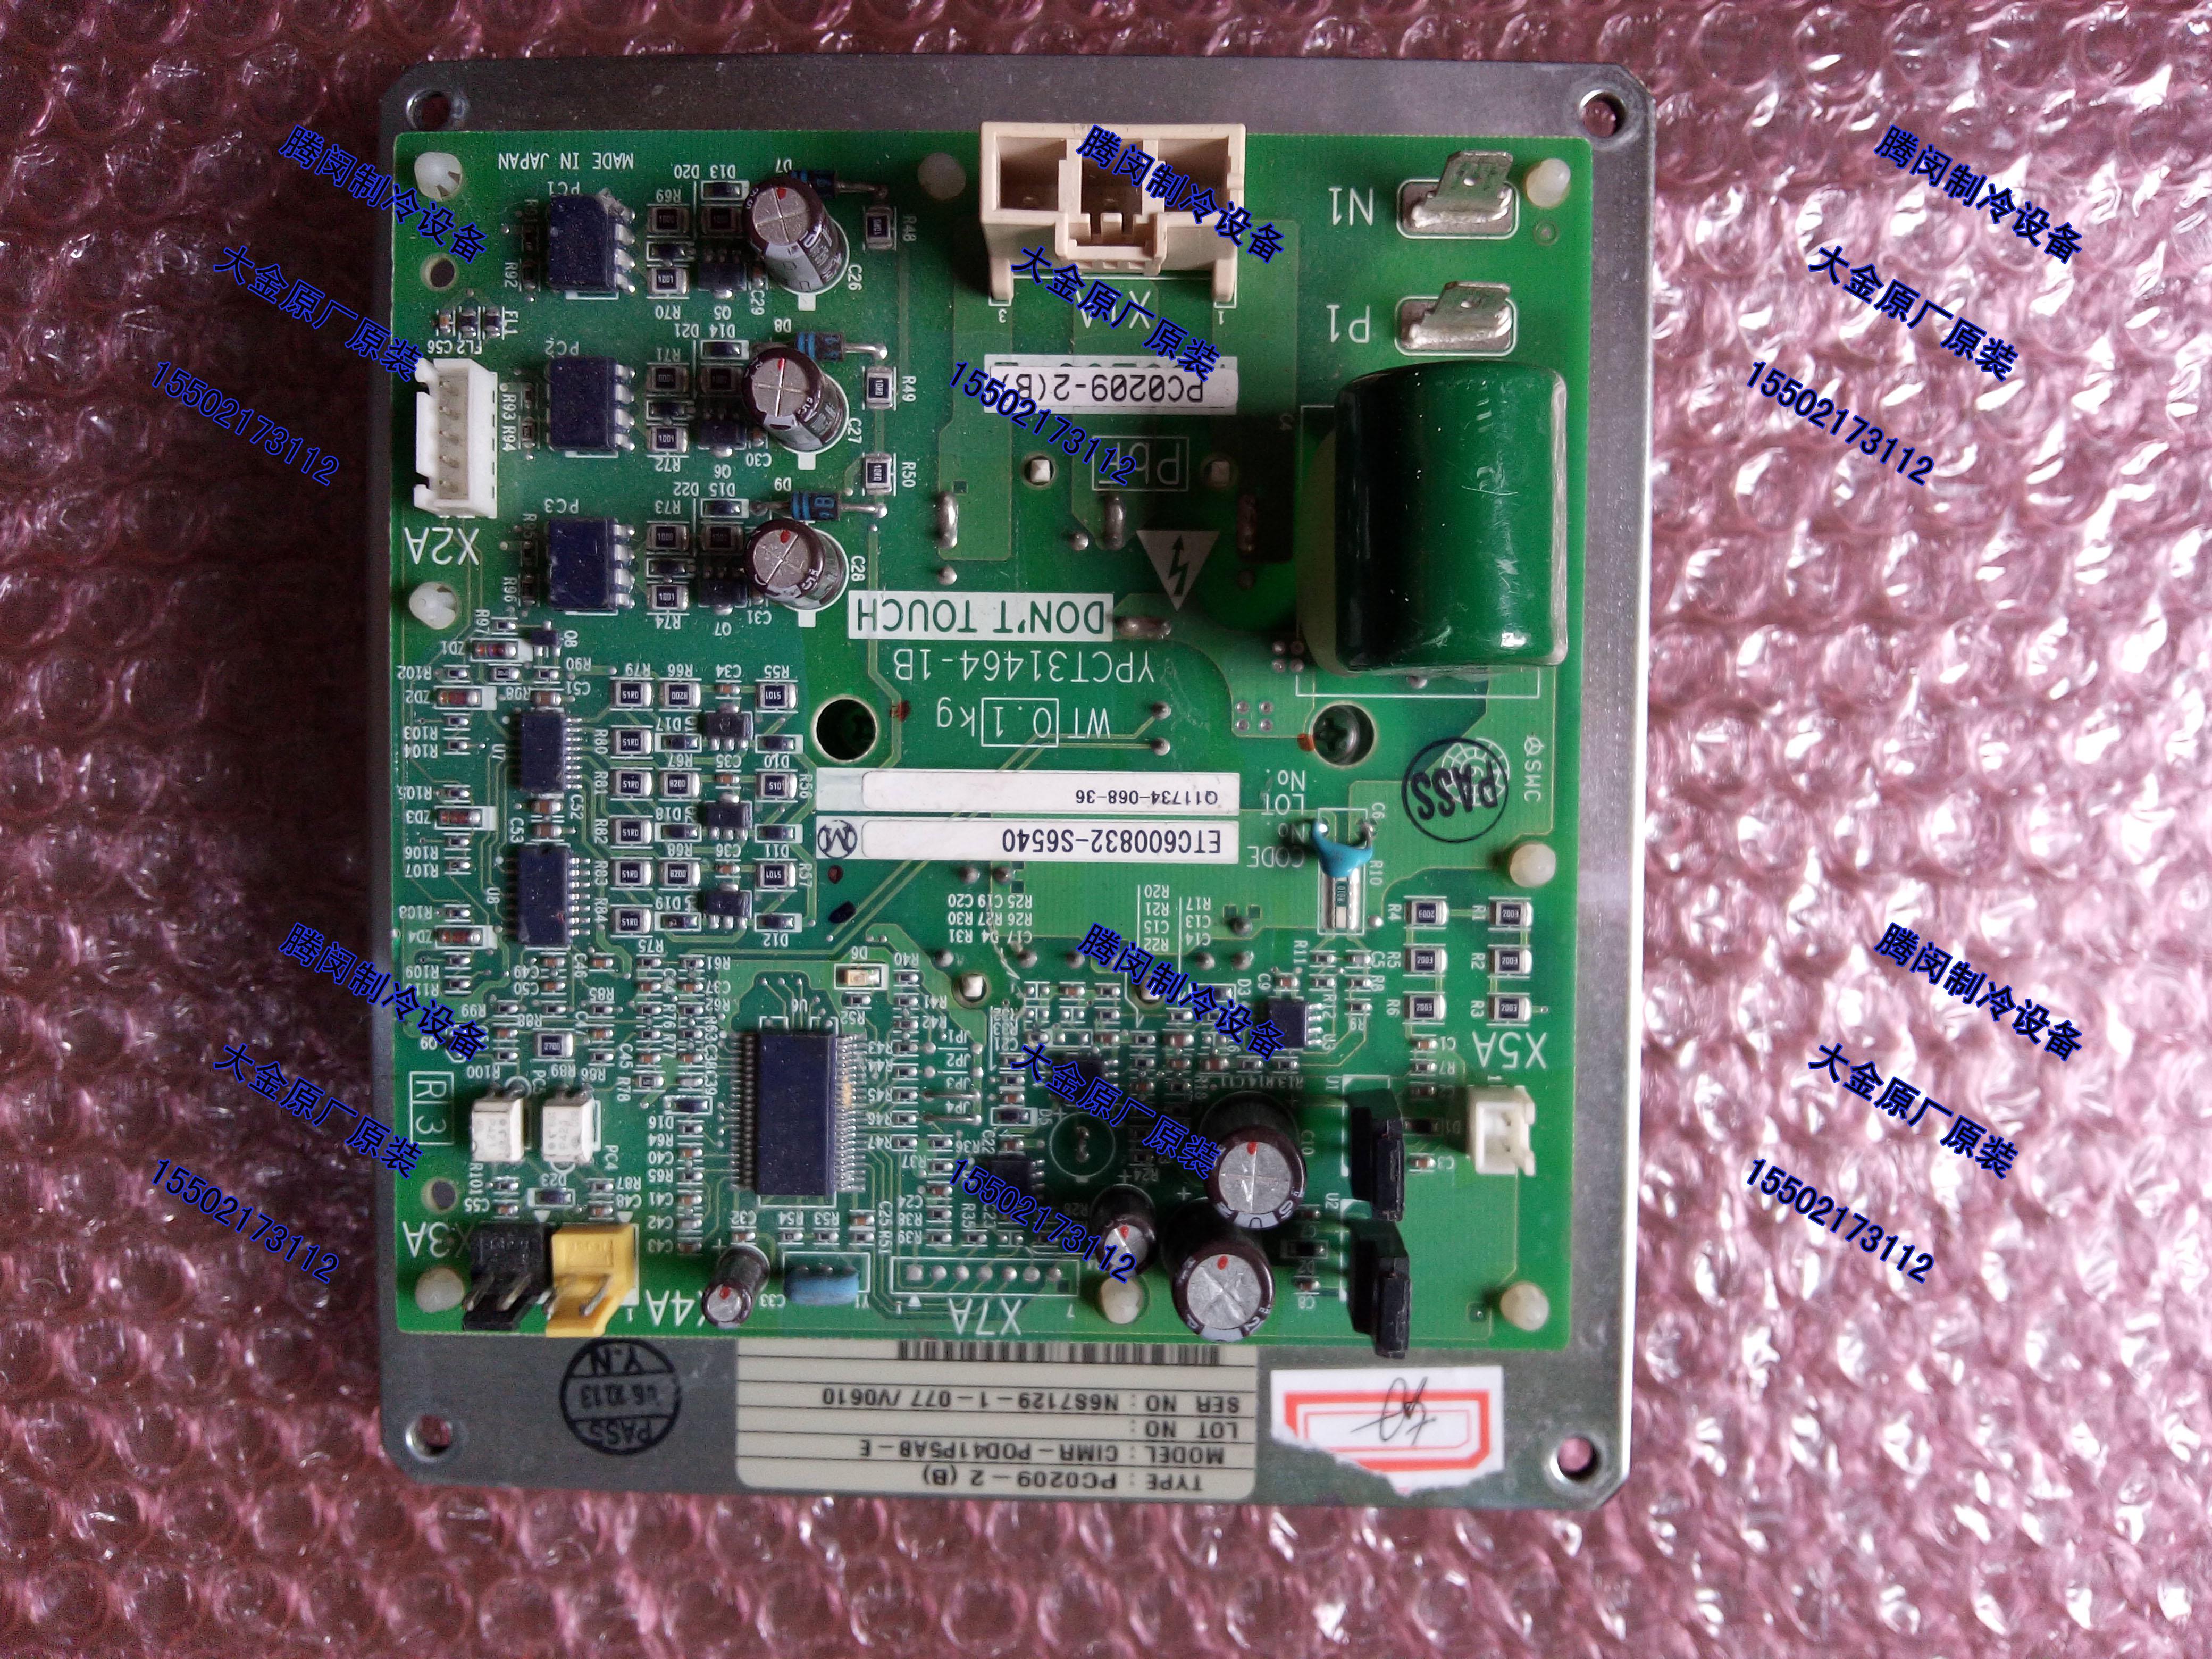 PC0209-2 nagy rajongója 变频 lemez (b) a légkondicionáló RCXYQ14MAY1 变频 nagy rajongója